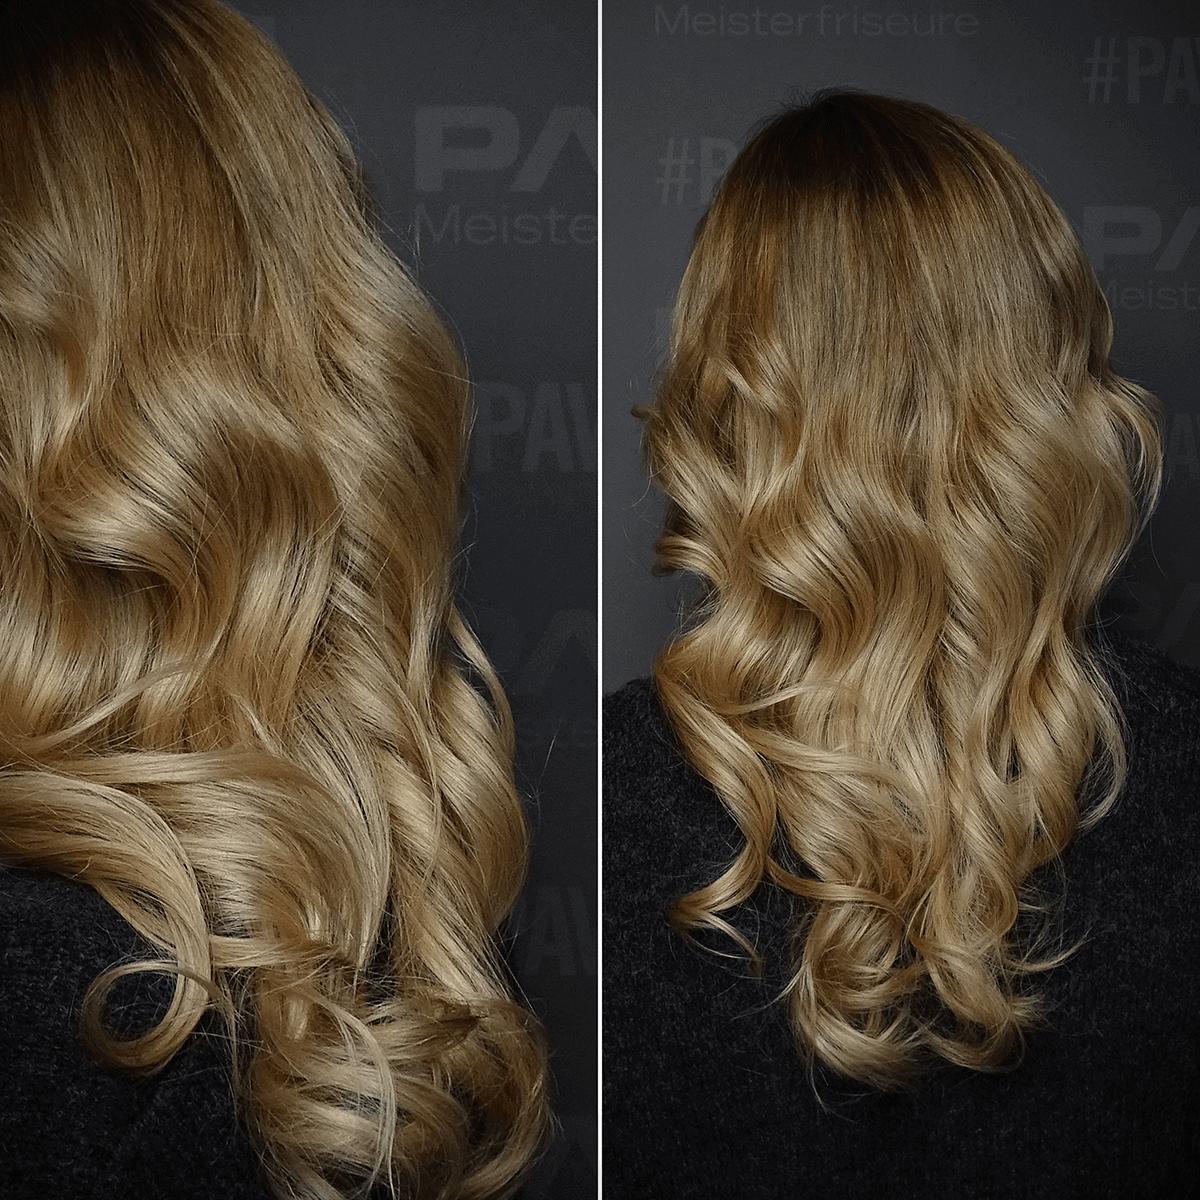 Guter Friseur in Essen: PAVO Friseure - » Süße Balayage 🐝